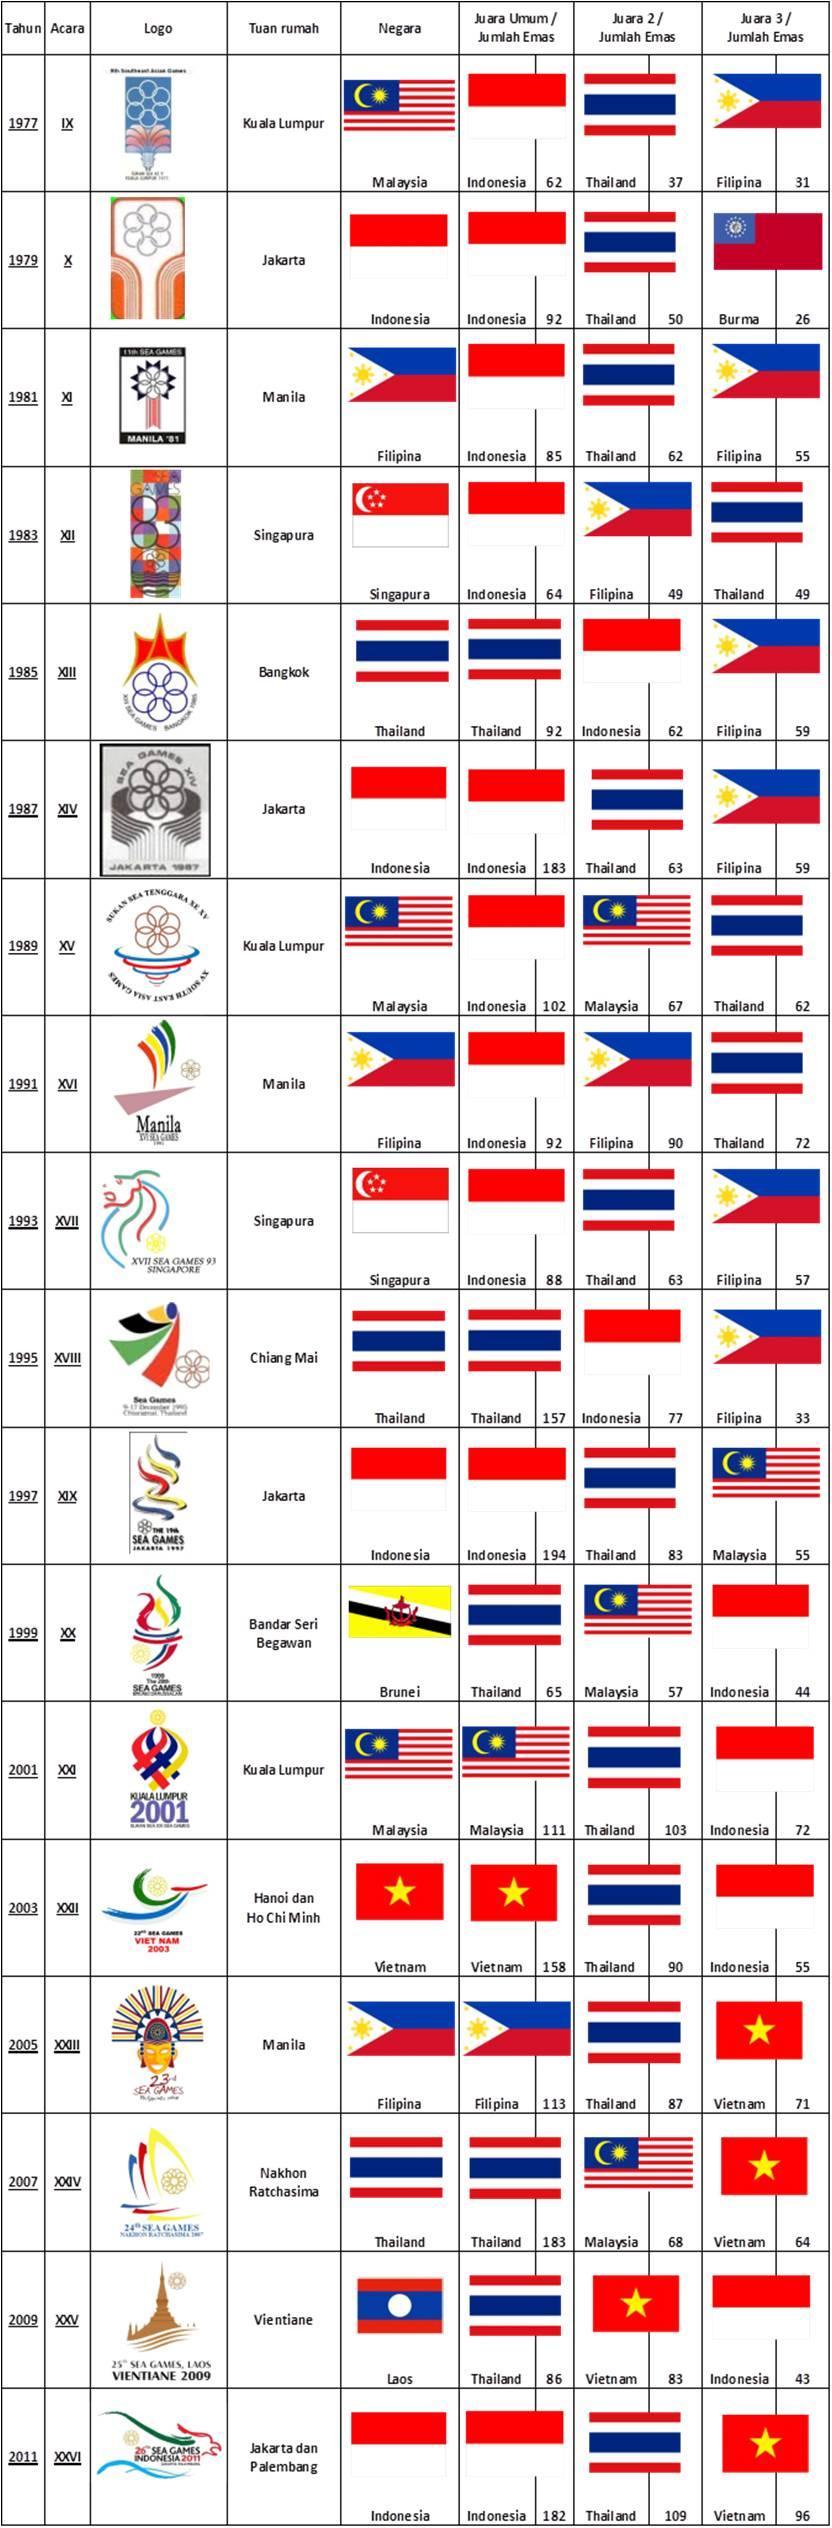 sea games emf4 - Asian Games Yang Pernah Di Indonesia